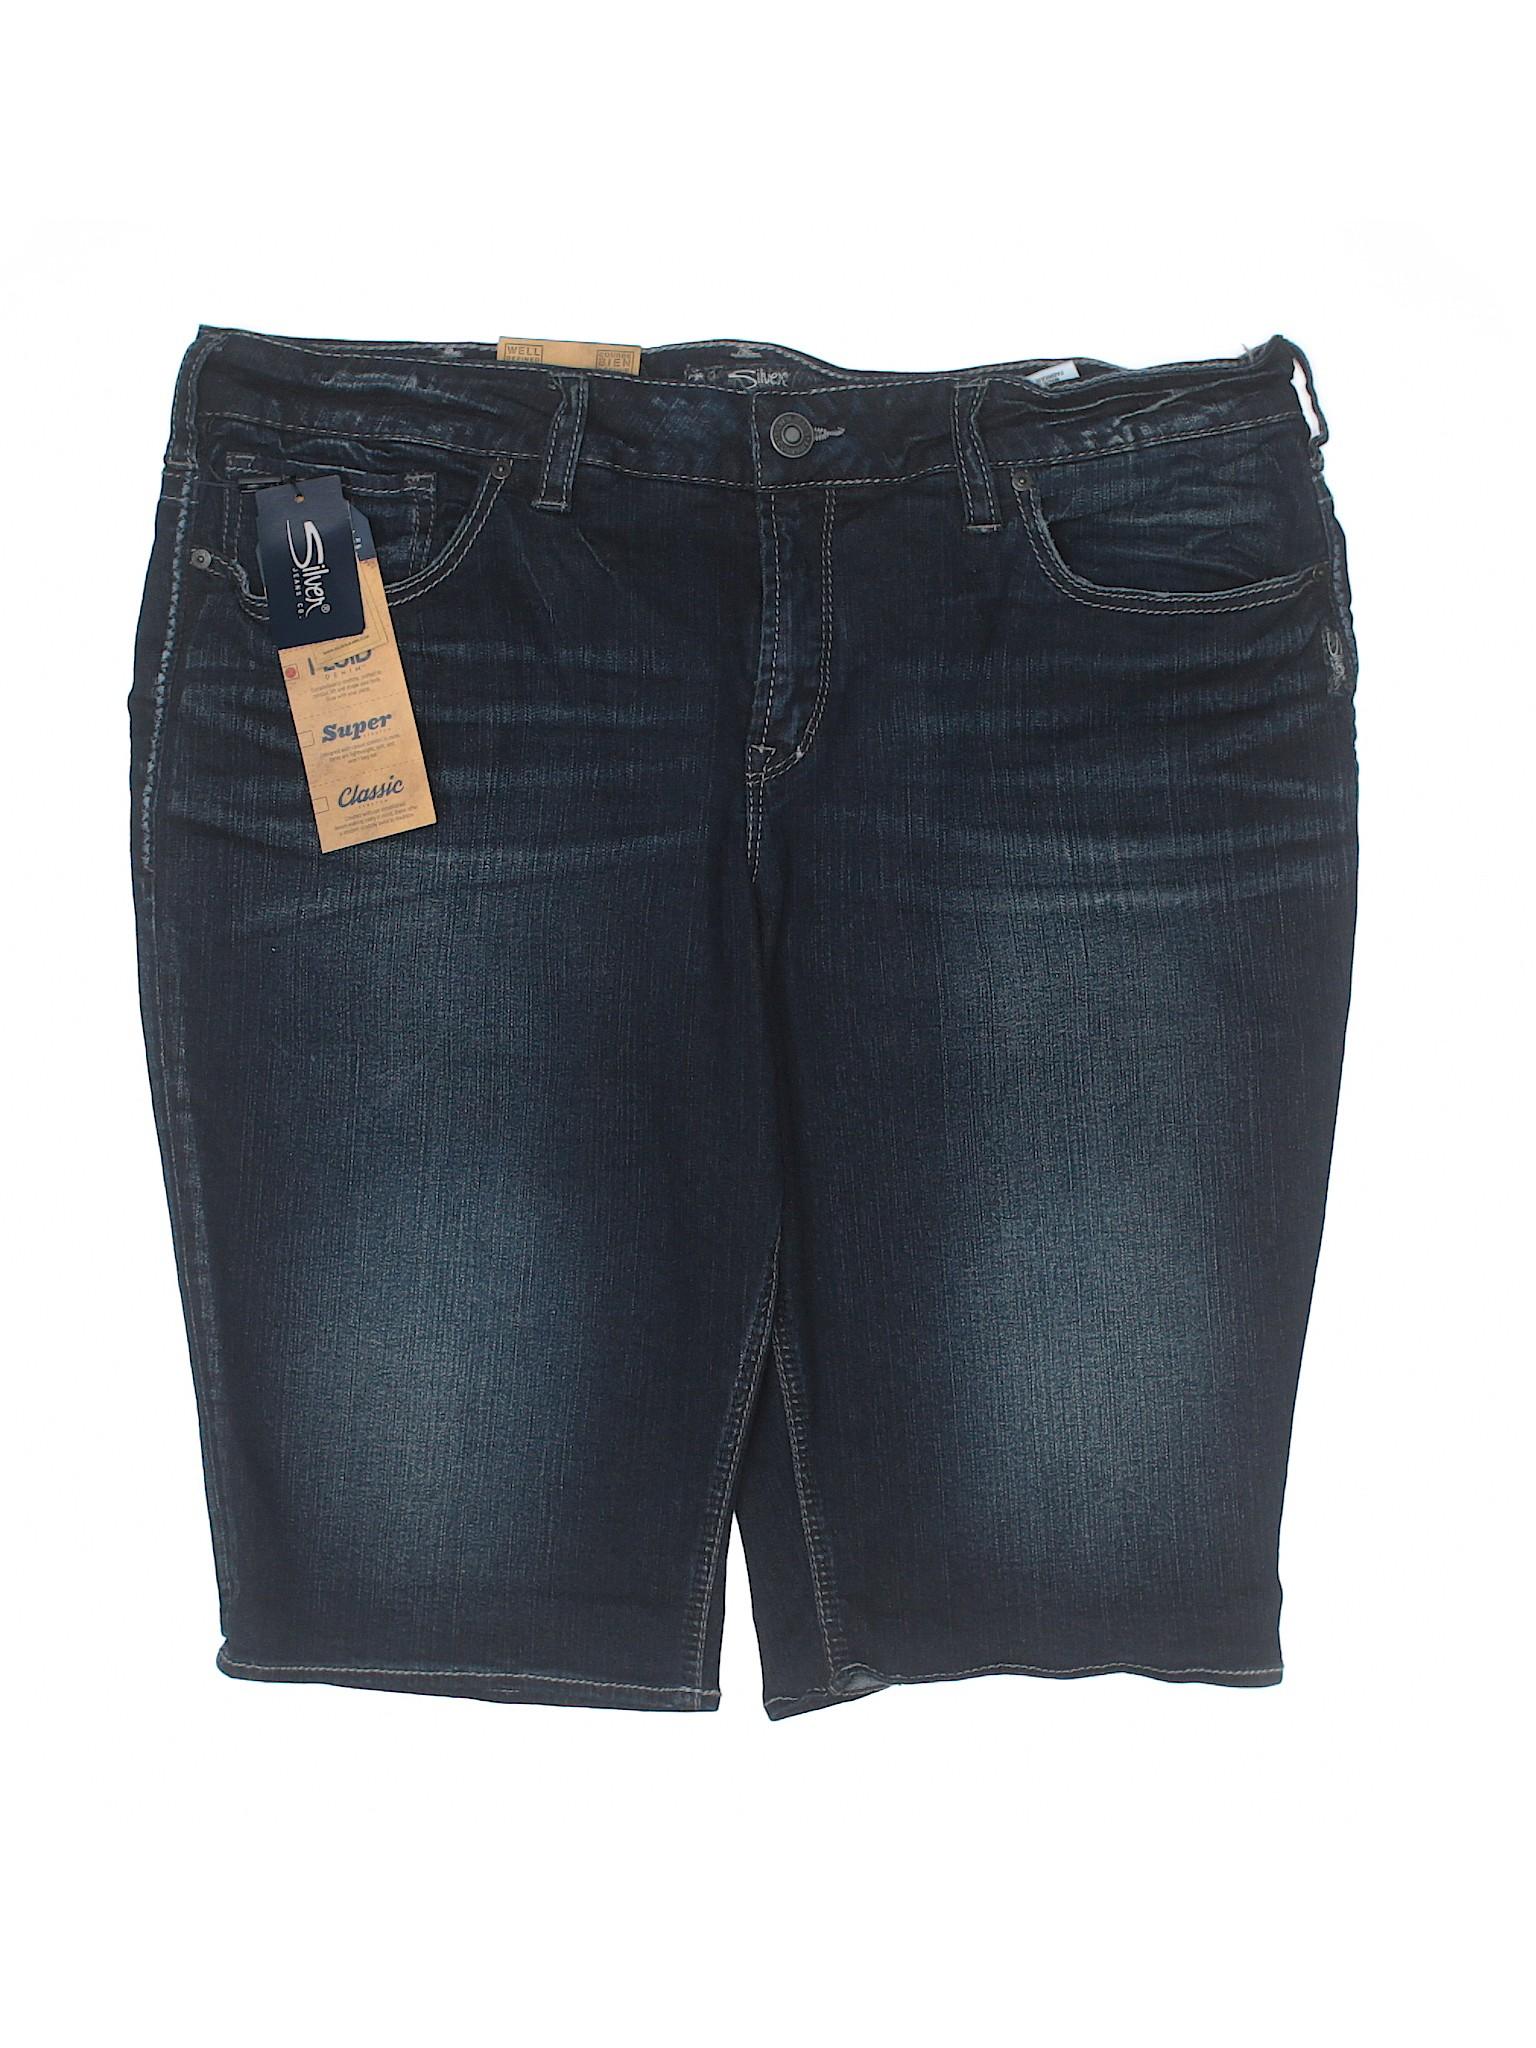 Silver Shorts Co Jeans Denim Boutique pOcZW4Tq4